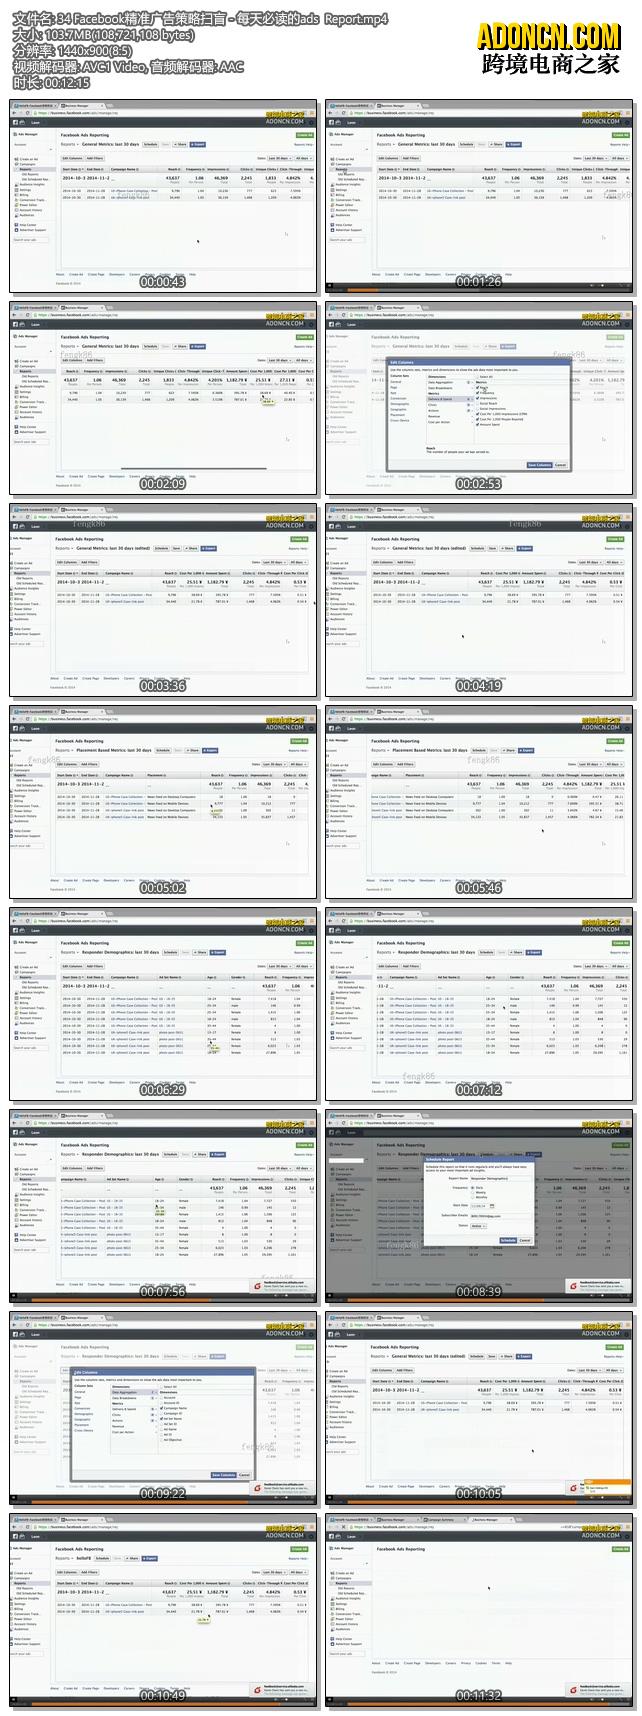 Facebook精准广告策略扫盲 - 每天必读的ads  Report(外贸电商在Facebook上怎么做推广如何做营销视频教程)